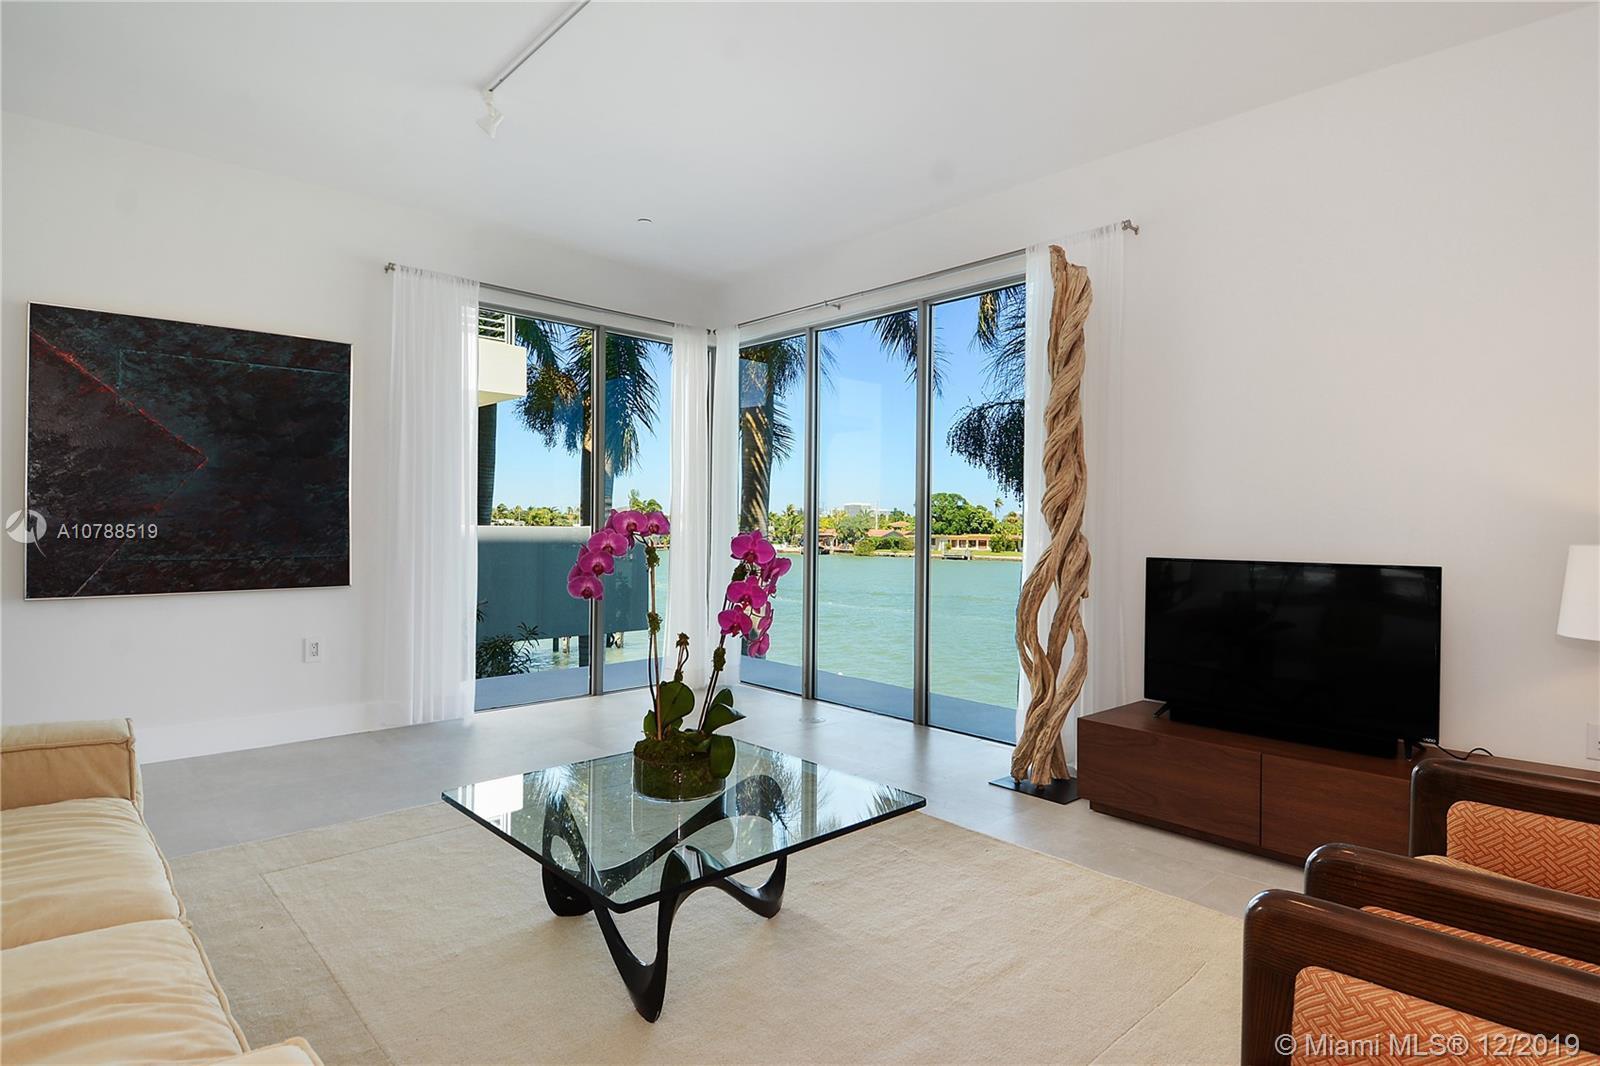 171 N Shore Dr #171-5 For Sale A10788519, FL